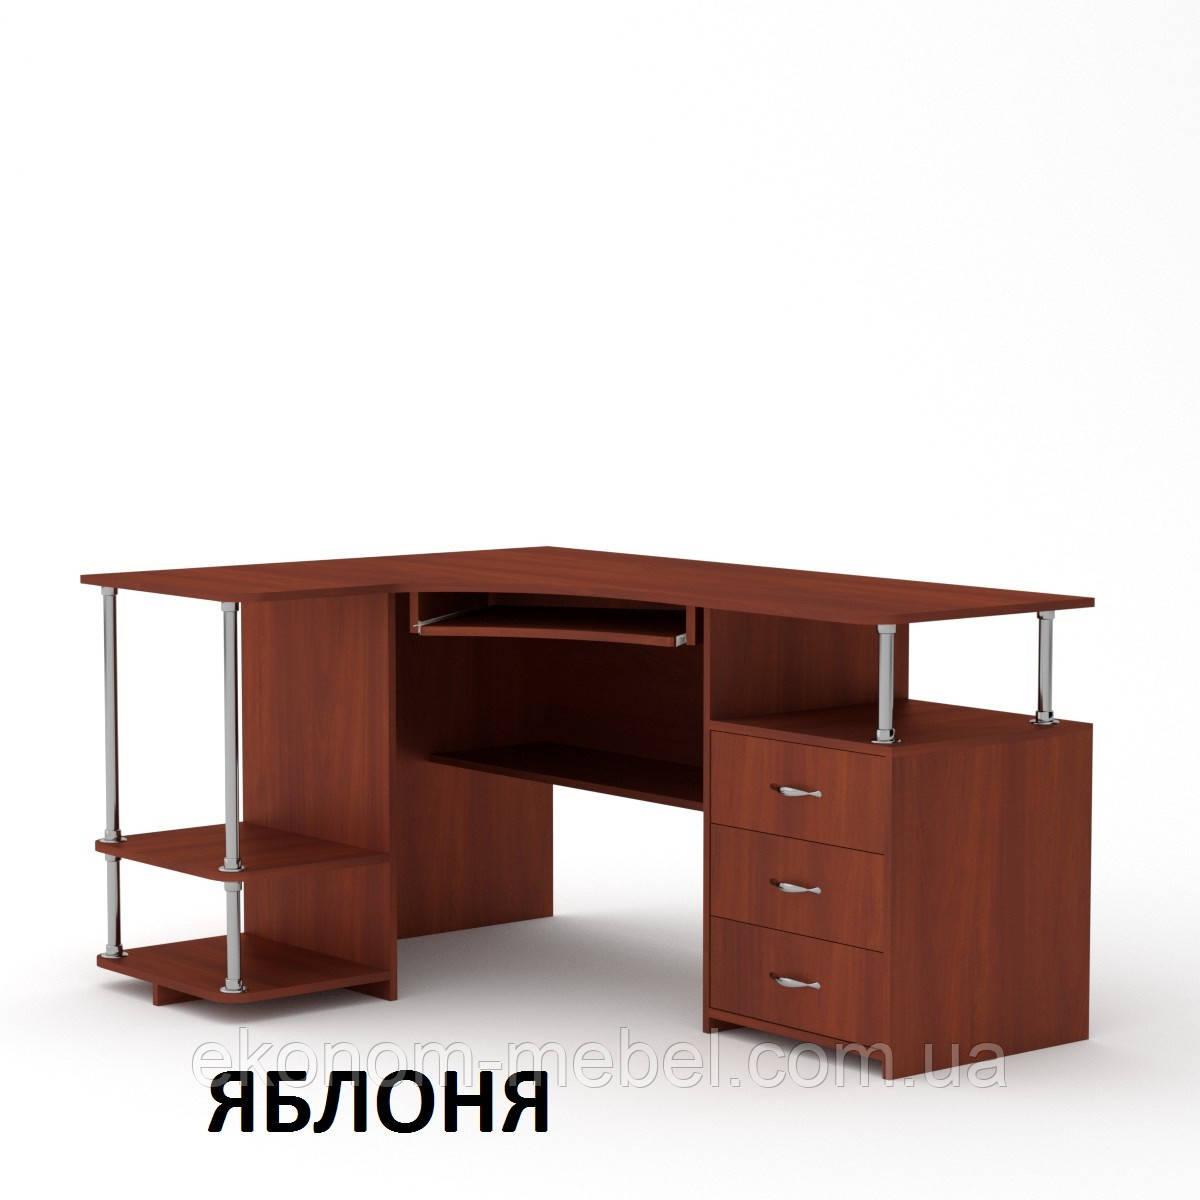 угловой компьютерный стол су 4 в кабинет с тумбой письменный